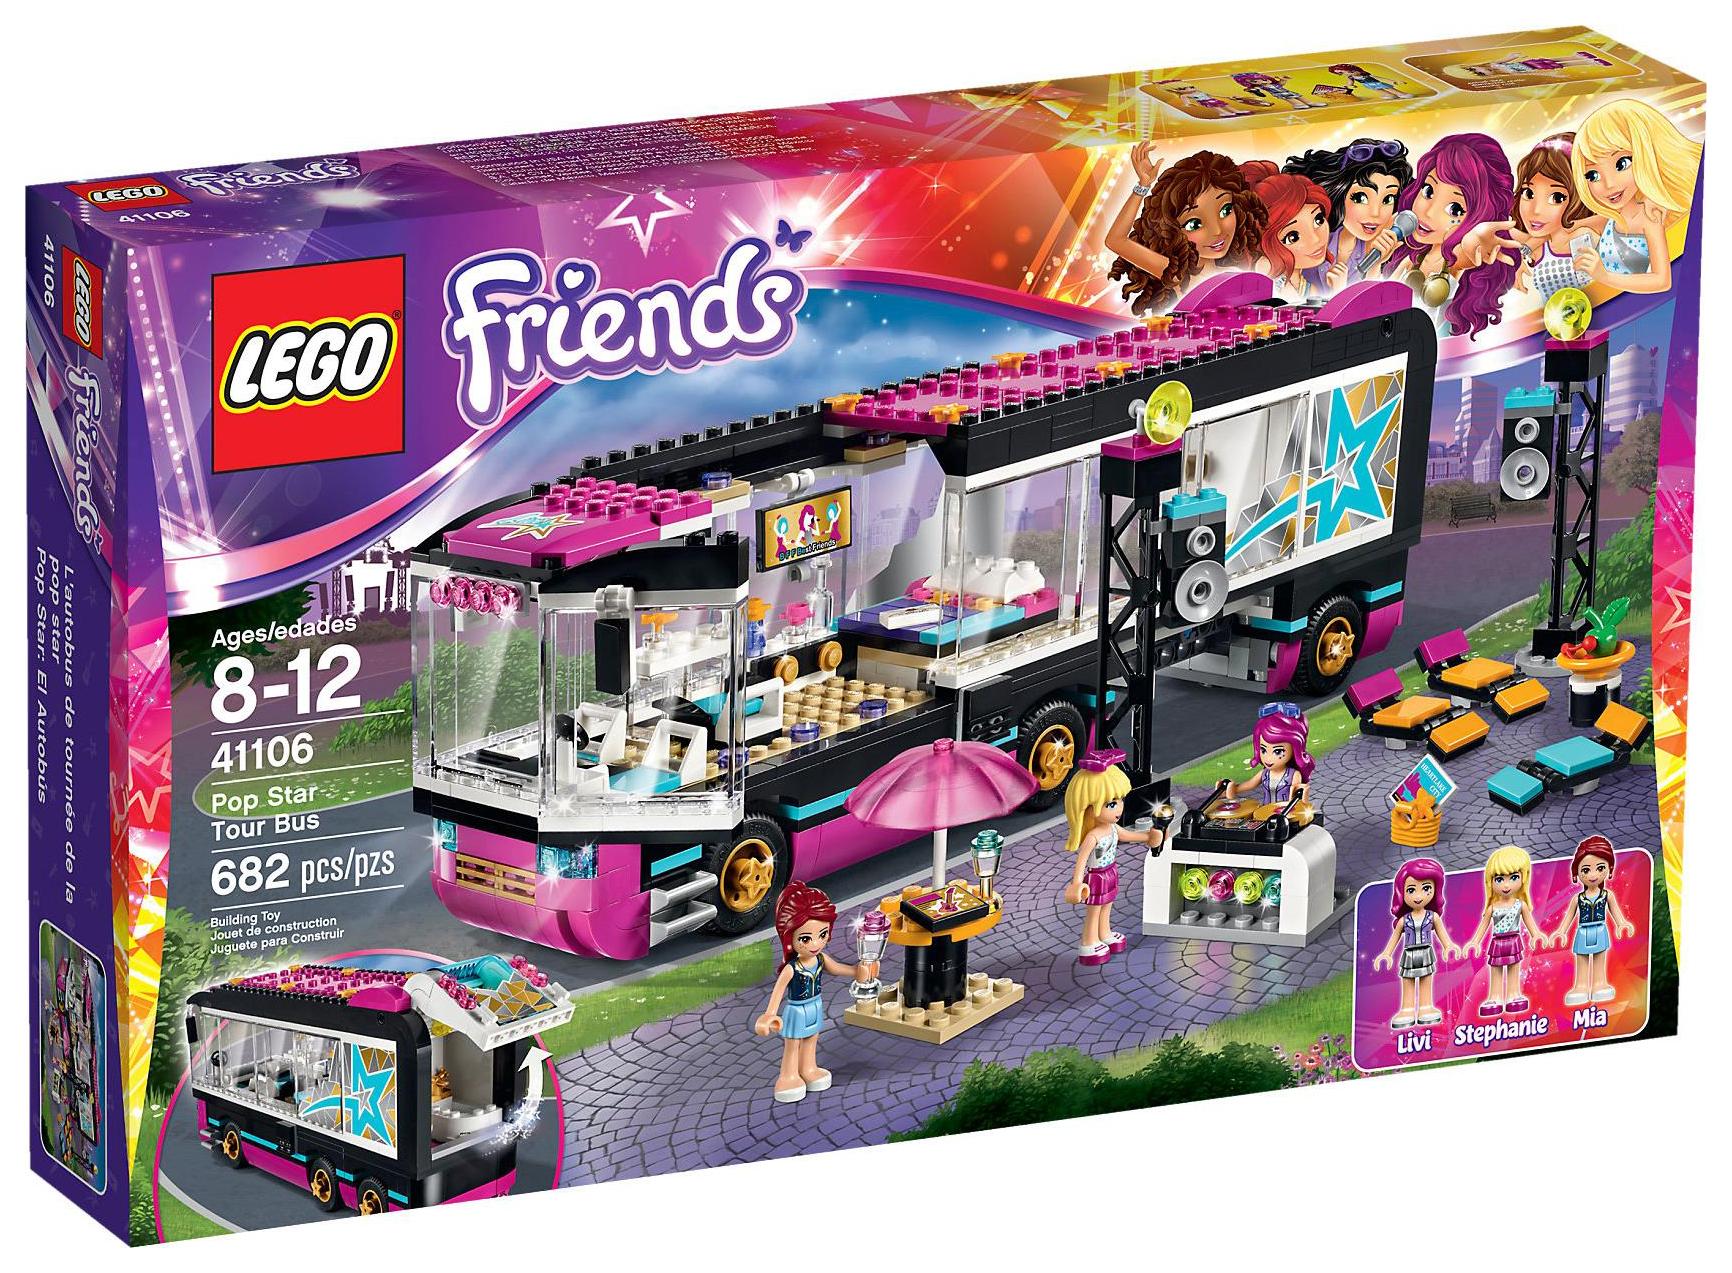 Lego friends 41106 pas cher la tourn e en bus - Lego friends casa de livi ...